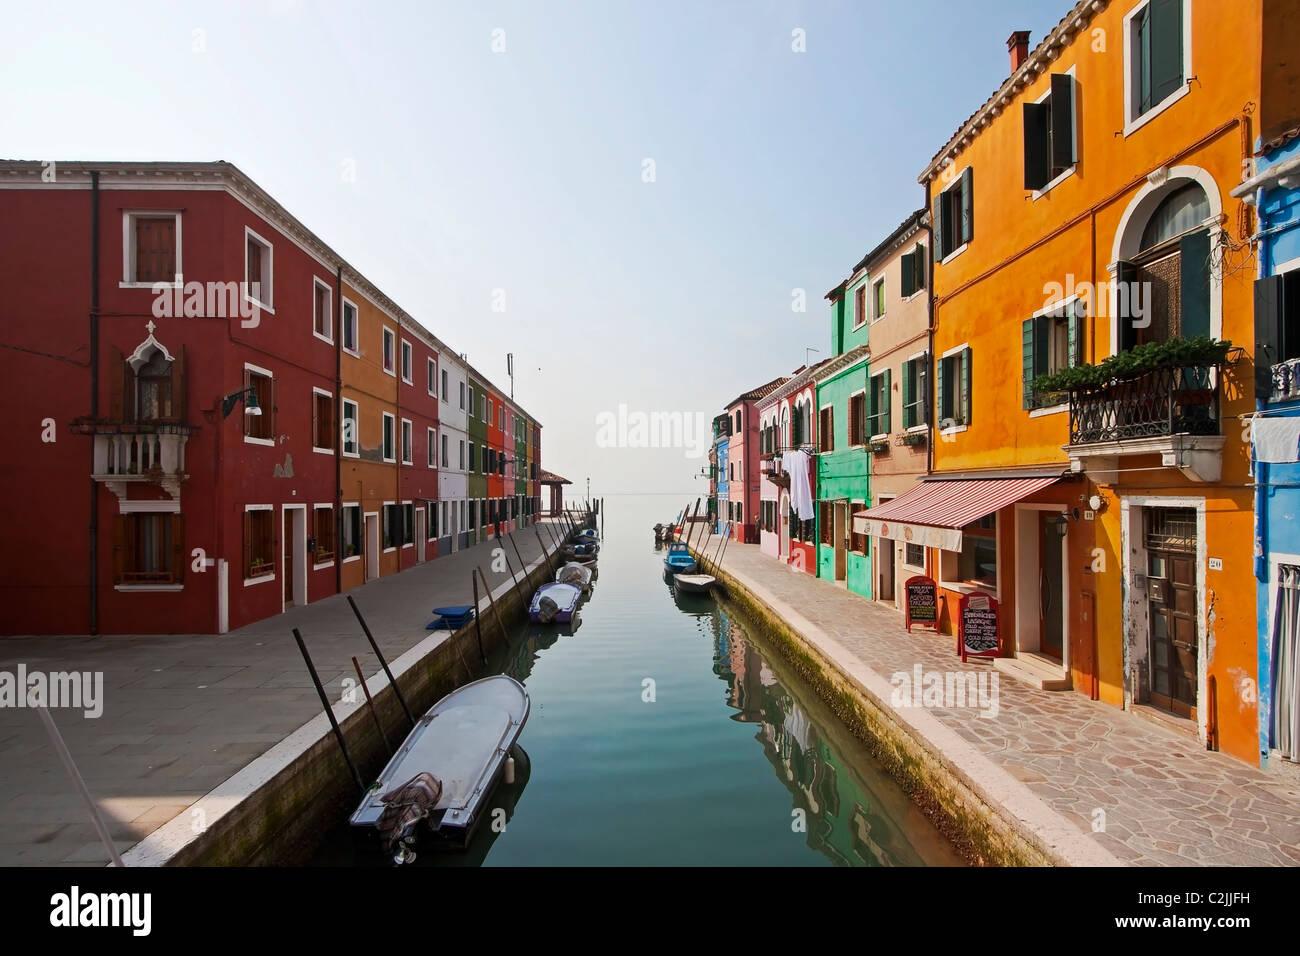 Burano - Venice - Italy - Stock Image